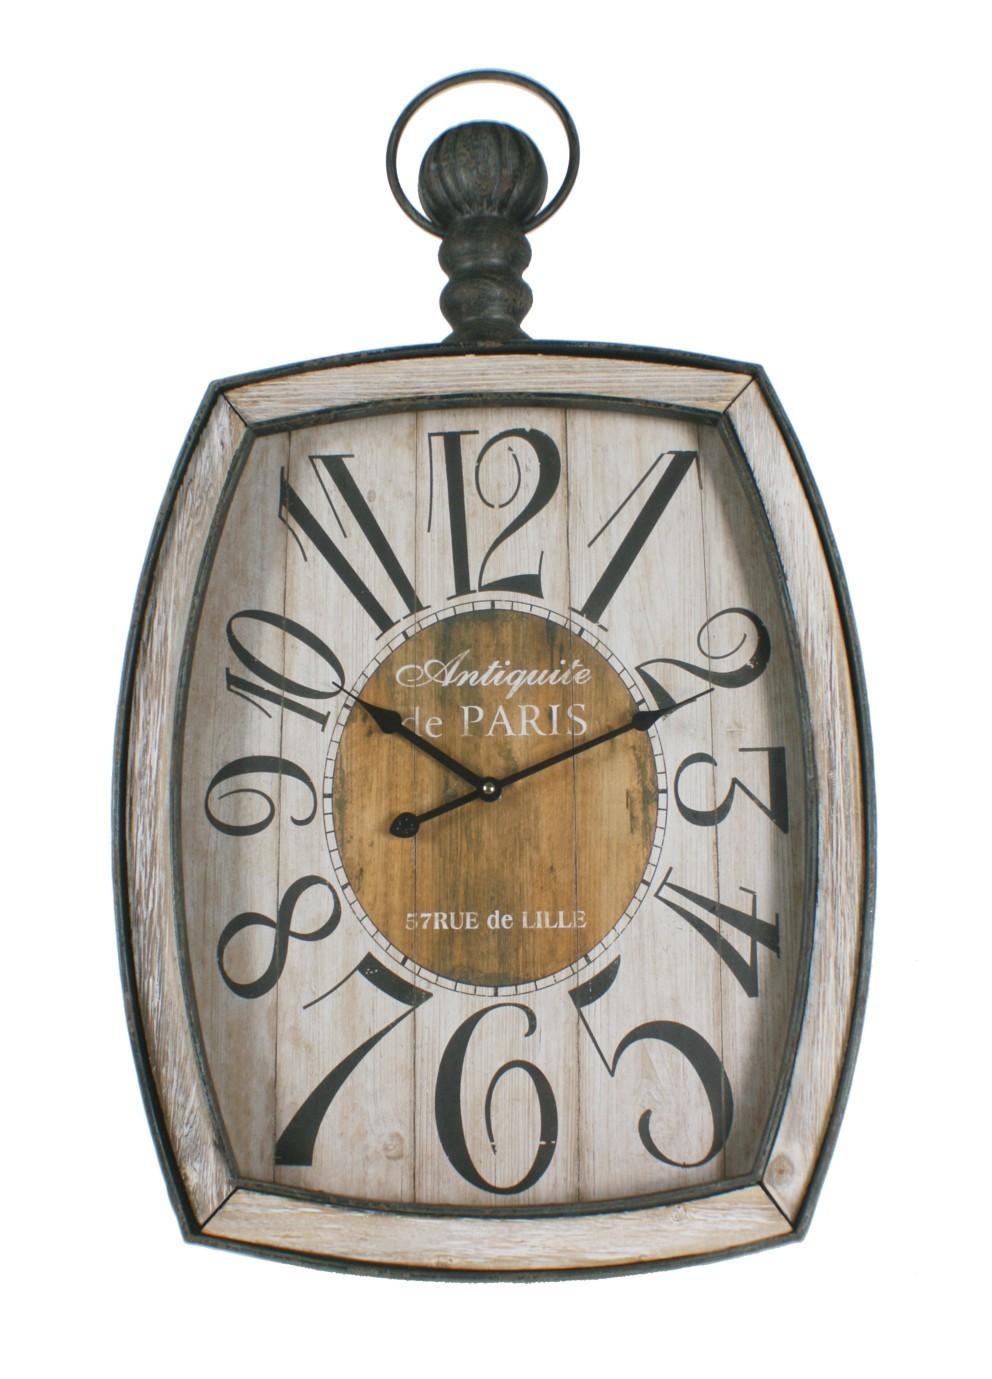 Grosse Horloge Fer Forgé horloge en métal avec des applications en bois, à accrocher